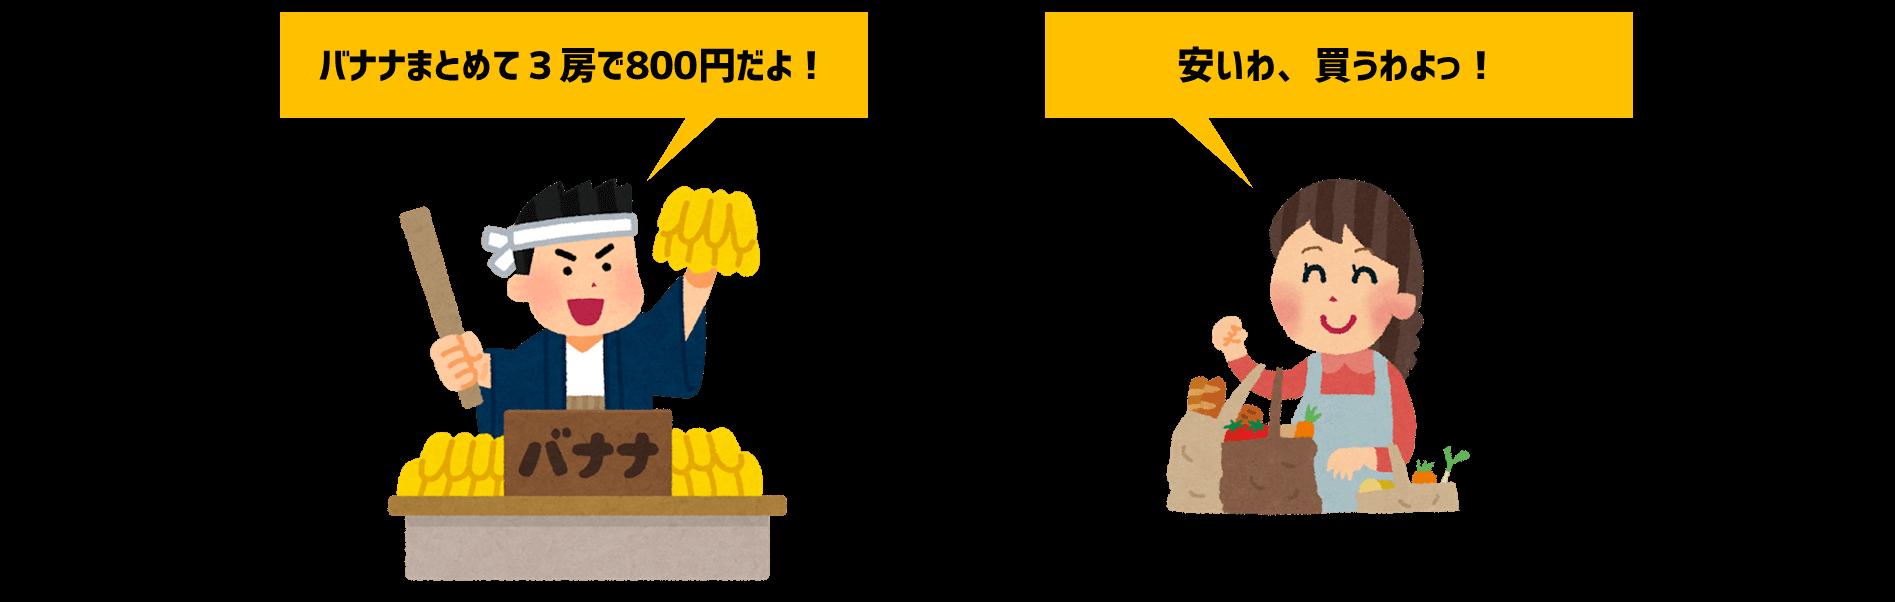 バナナ800円